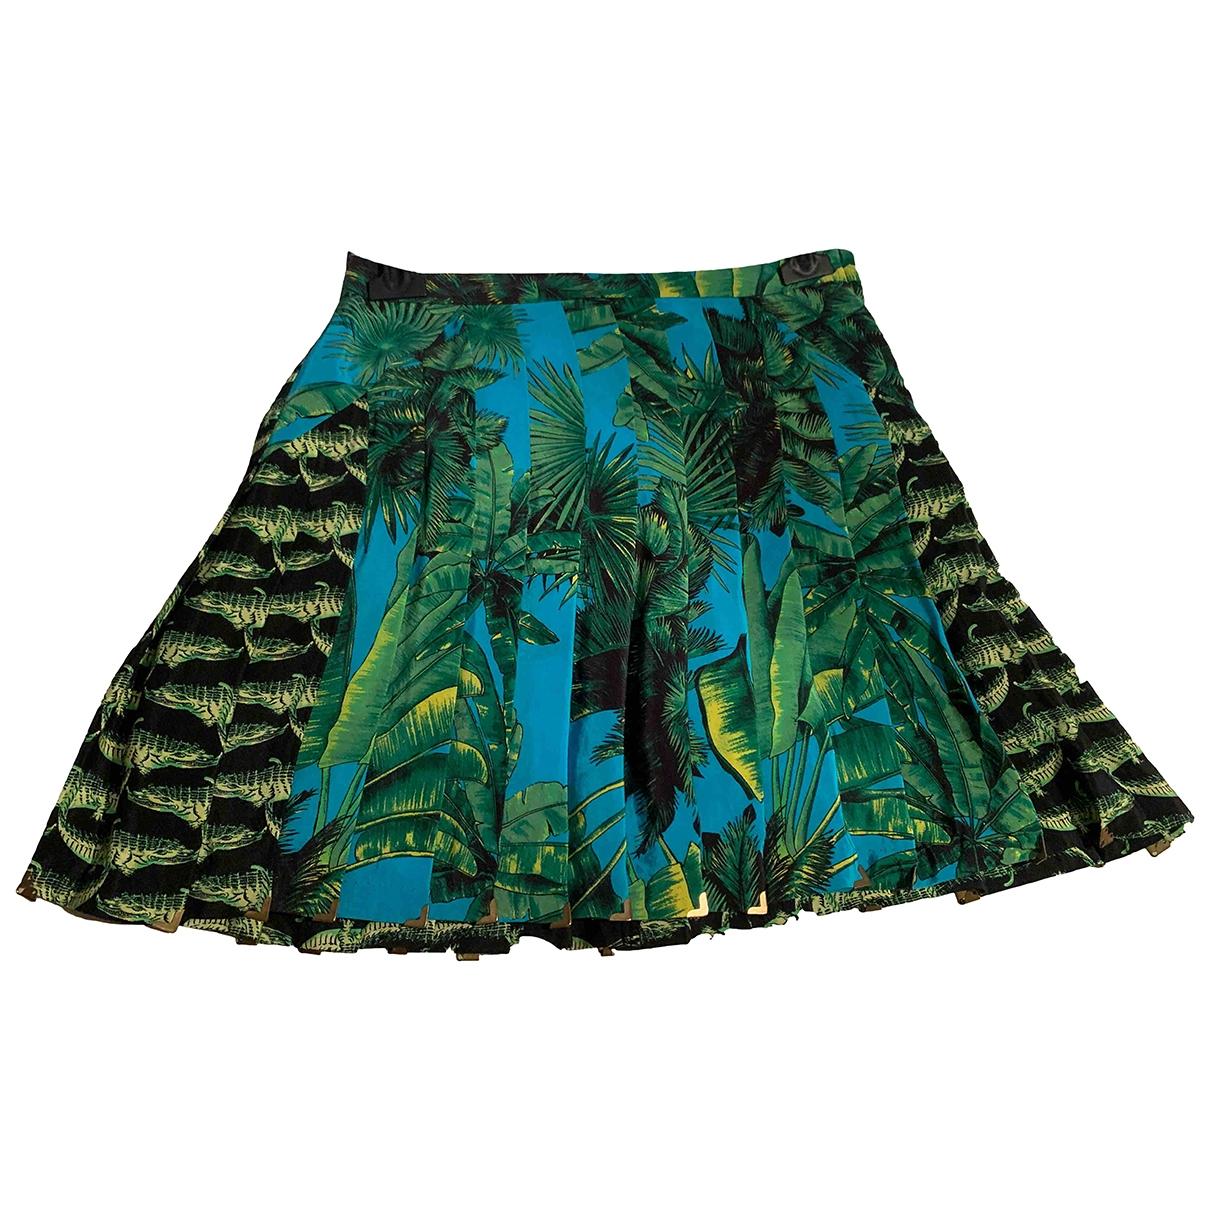 Versace X H&m - Jupe   pour femme en soie - multicolore